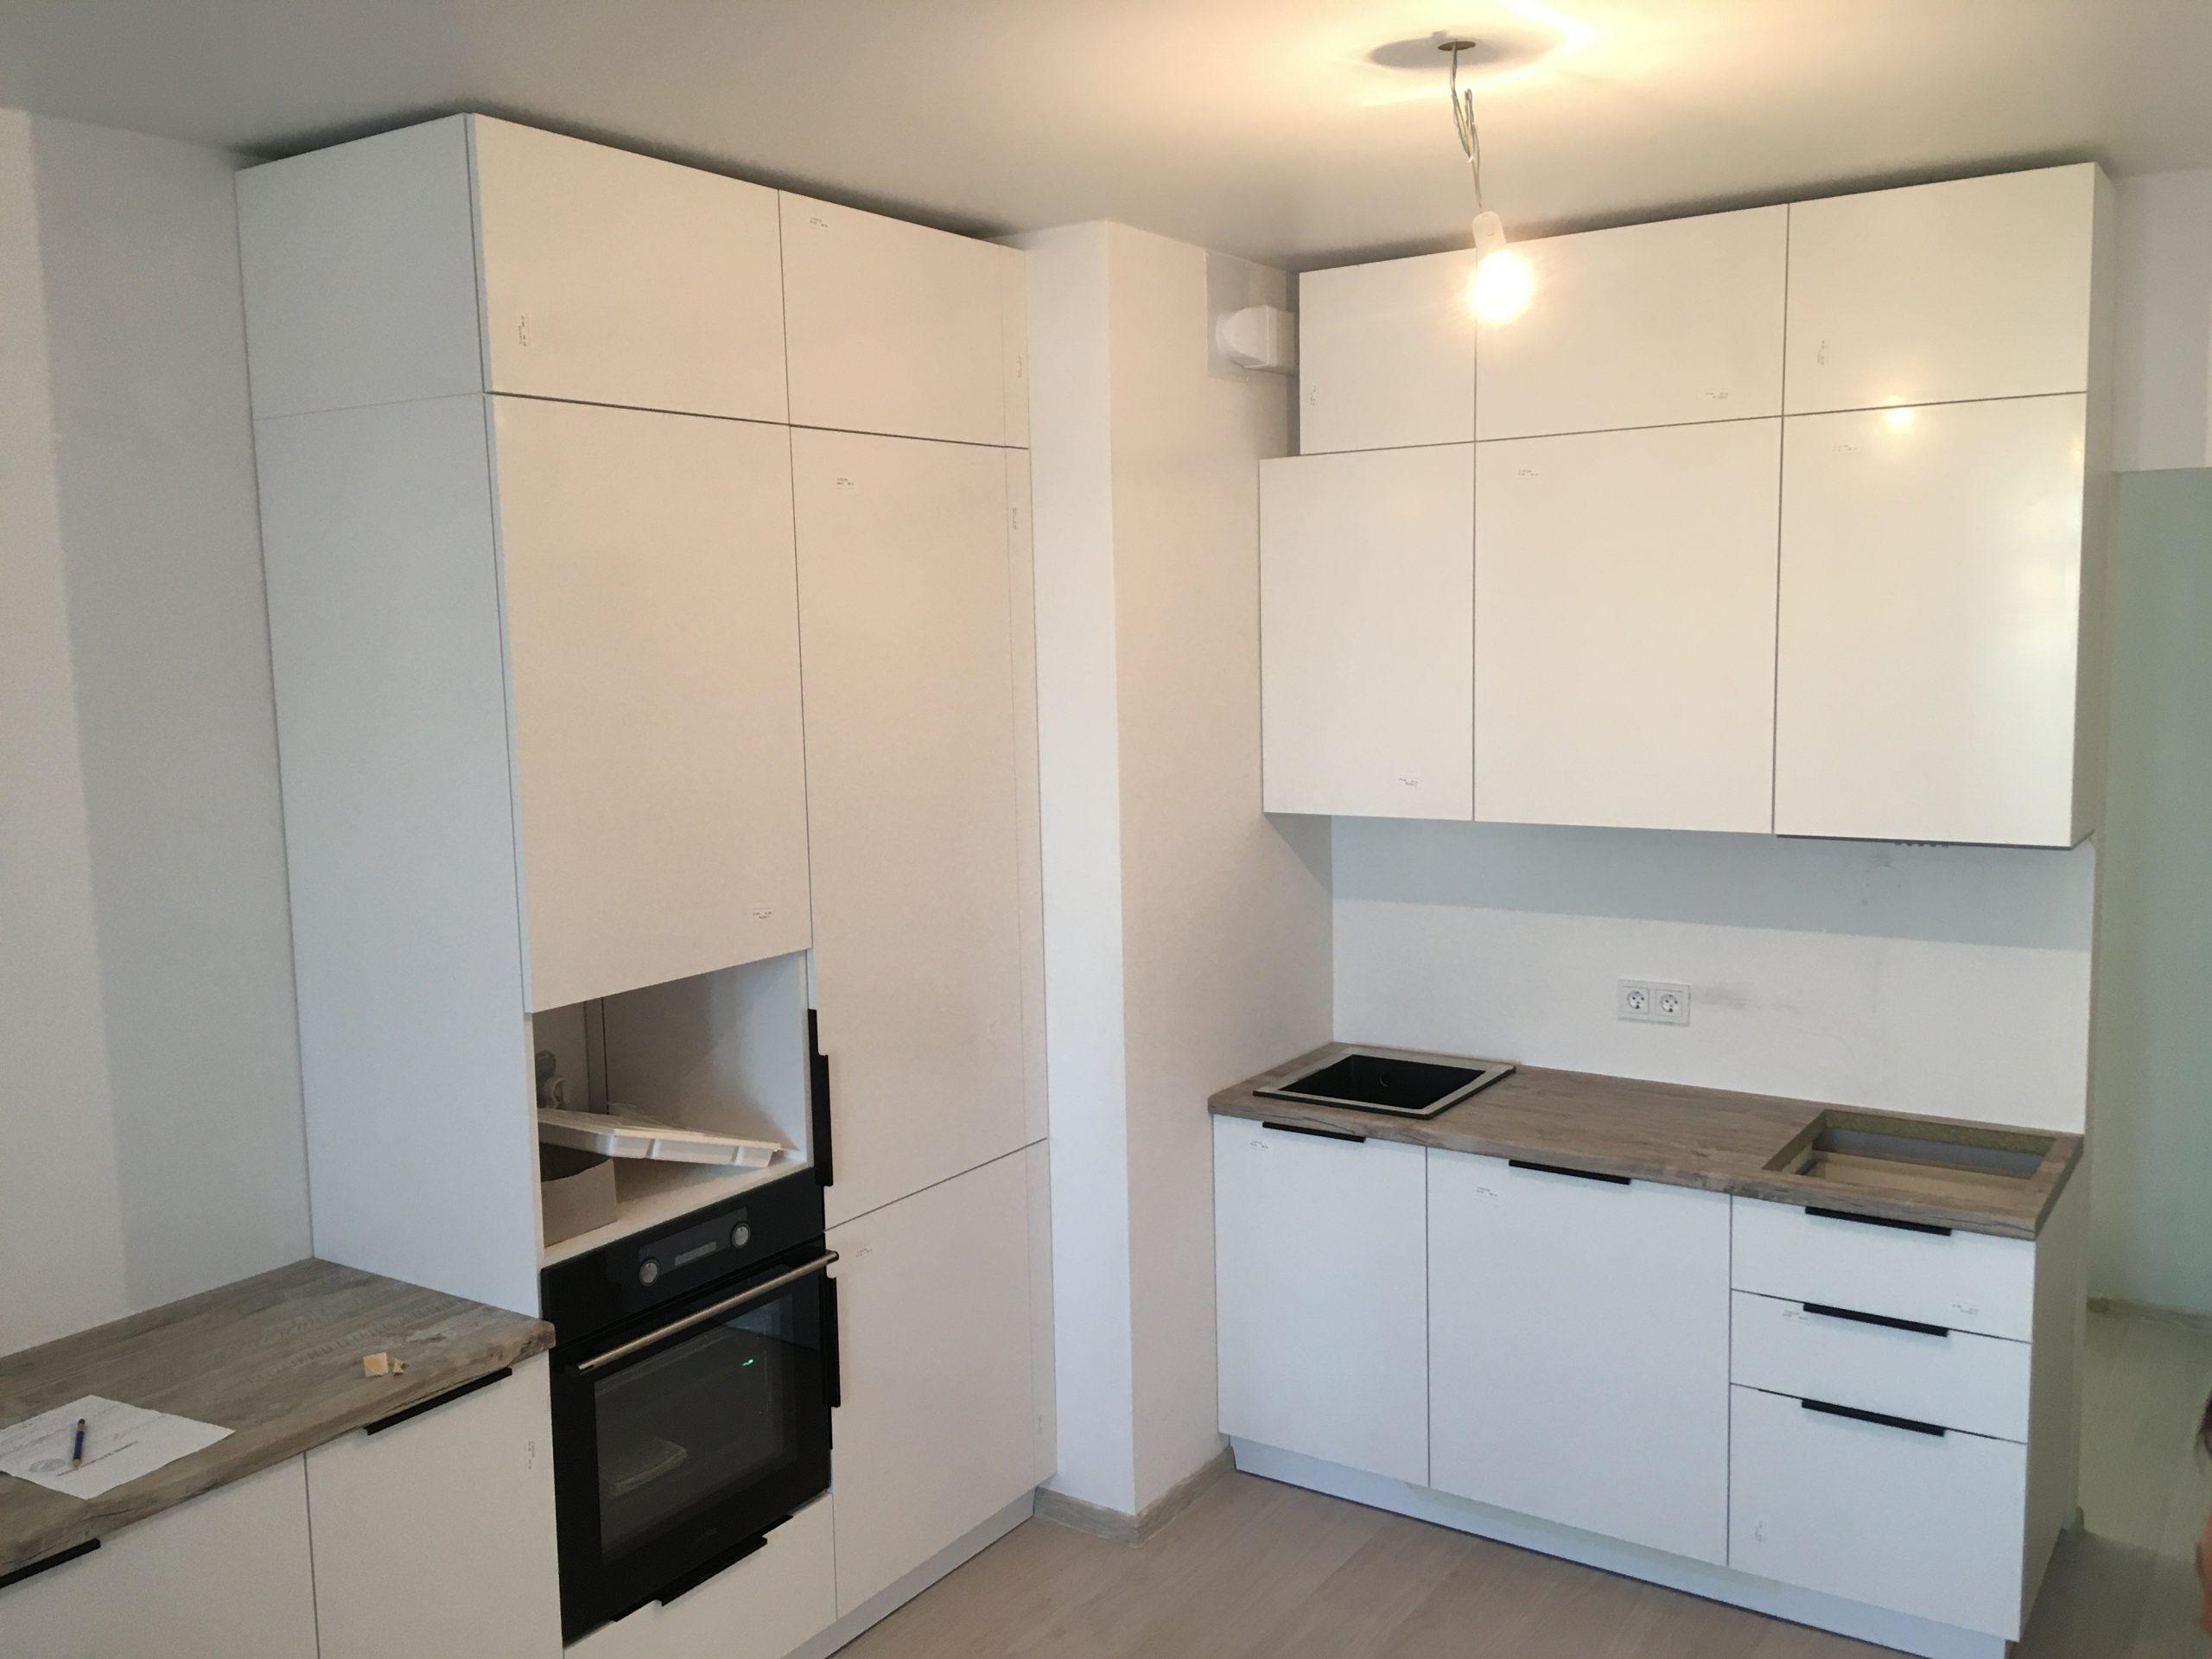 Фото Белая угловая матовая кухня под потолок — отзывы Анны